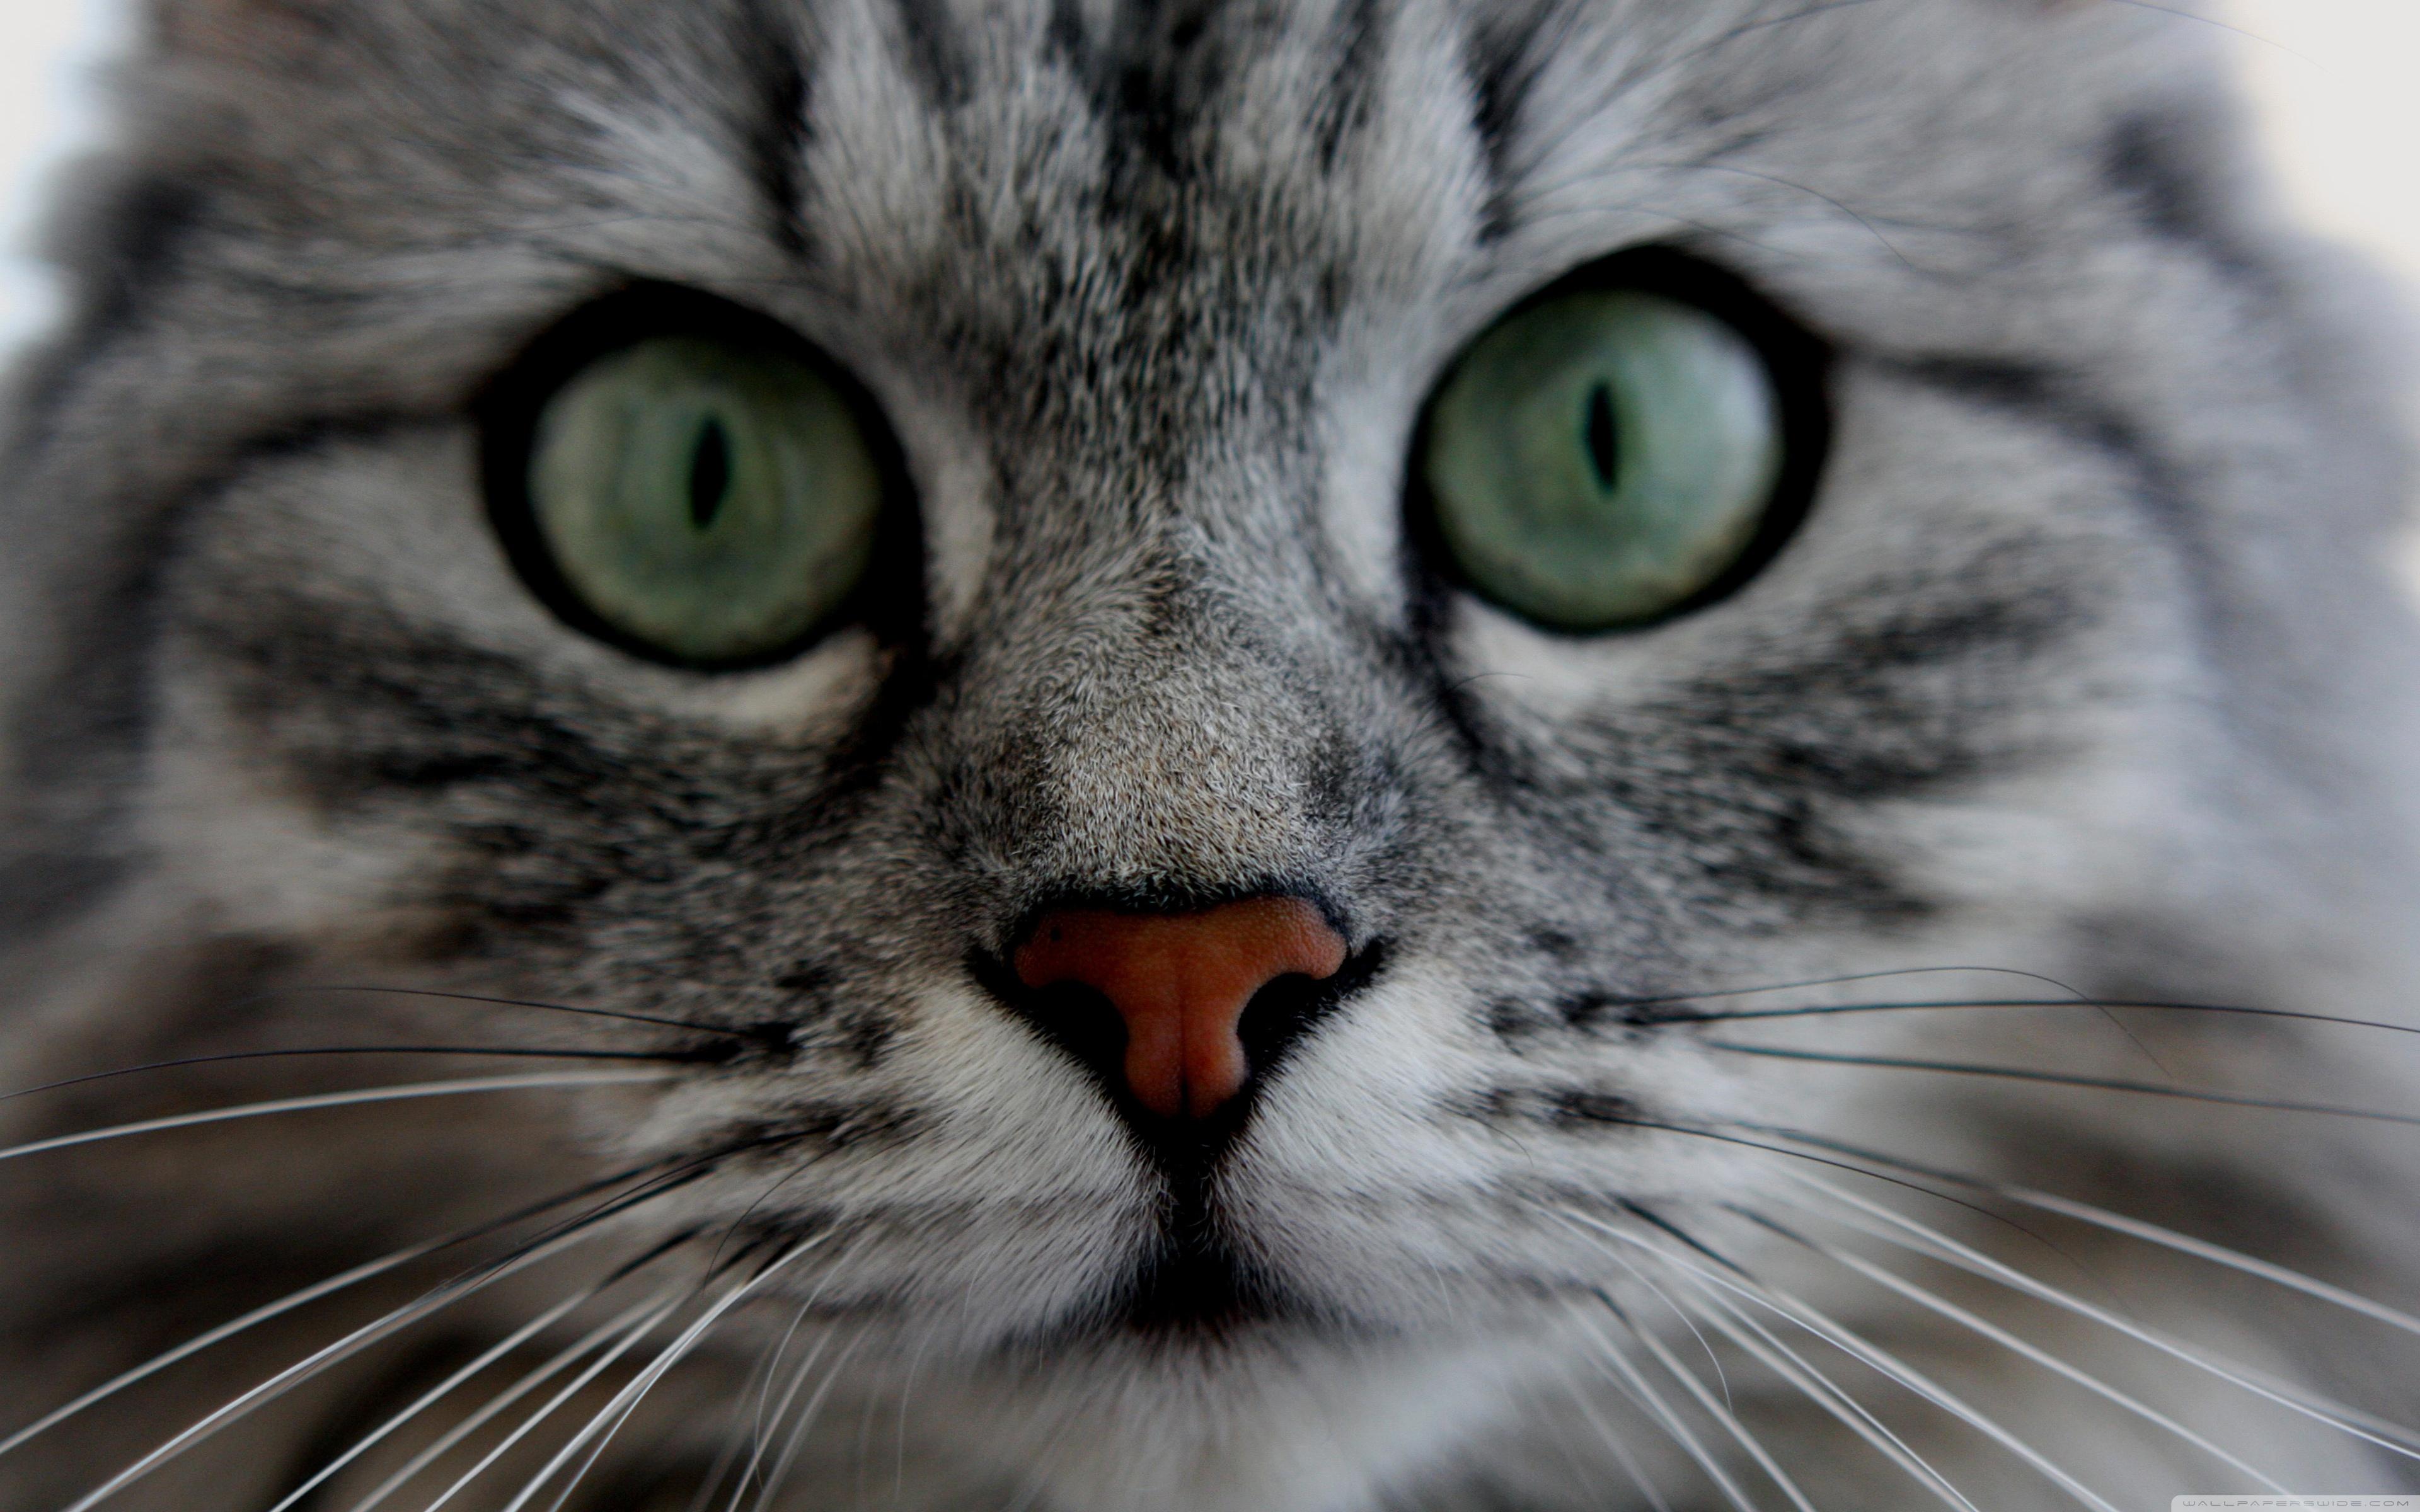 Cat Close Up Pictures